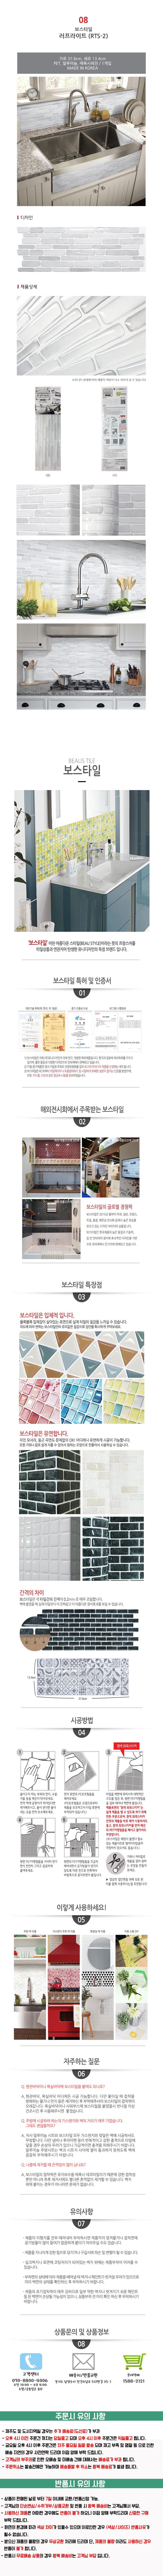 타일시트지 러프라이트 3p - 썬리빙, 11,000원, 벽지/시트지, 디자인 시트지